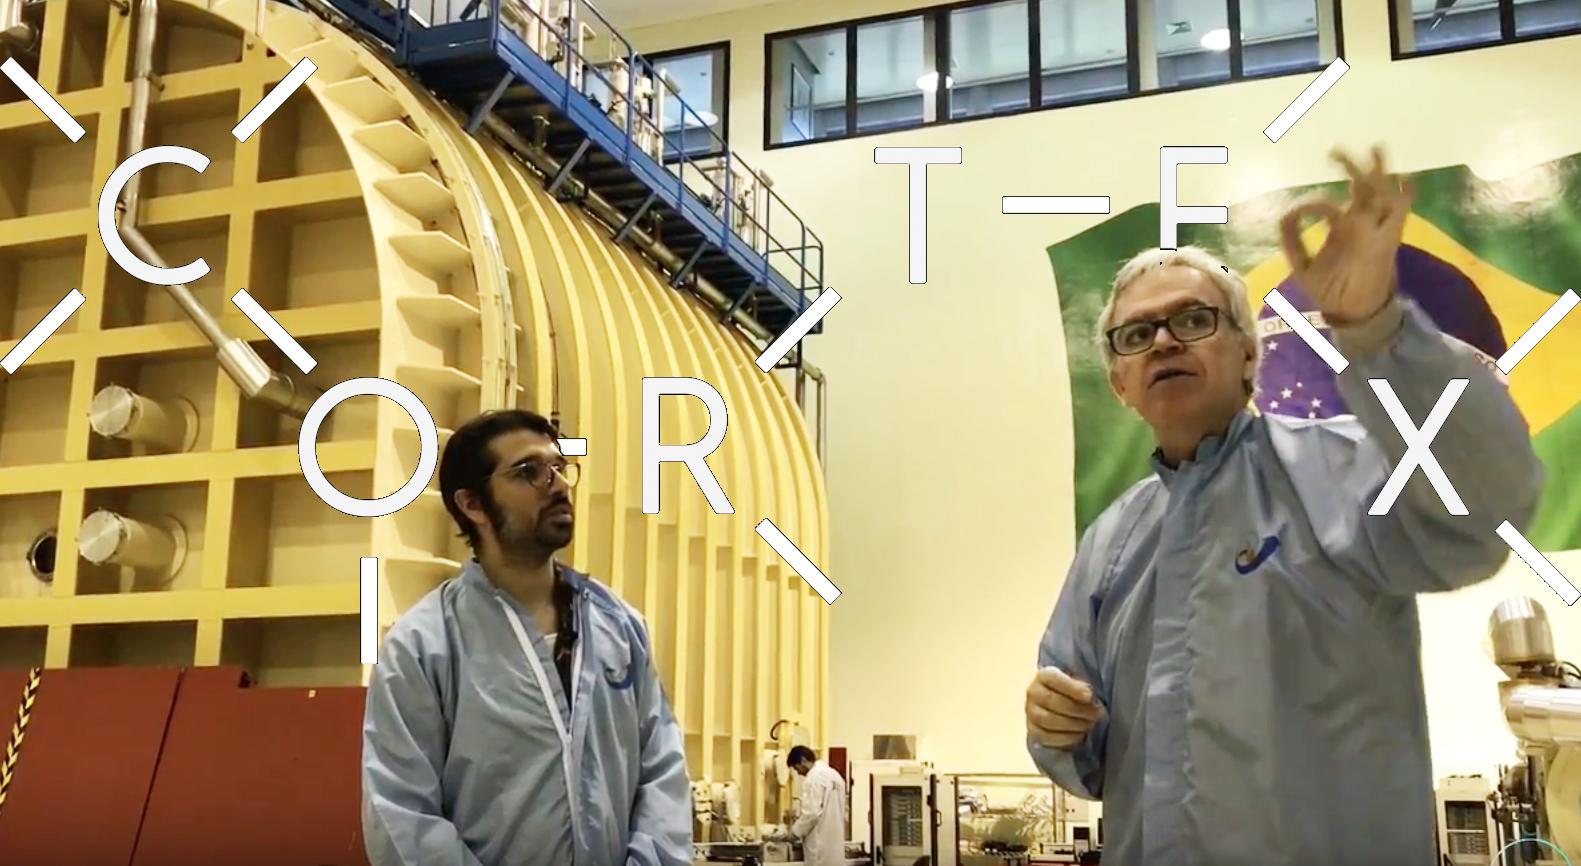 Mudança climática e o fim do materialismo - no maior laboratório de pesquisas climáticas do Brasil, uma conversa sobre como a mente humana pode ser o mais difícil desafio ambiental